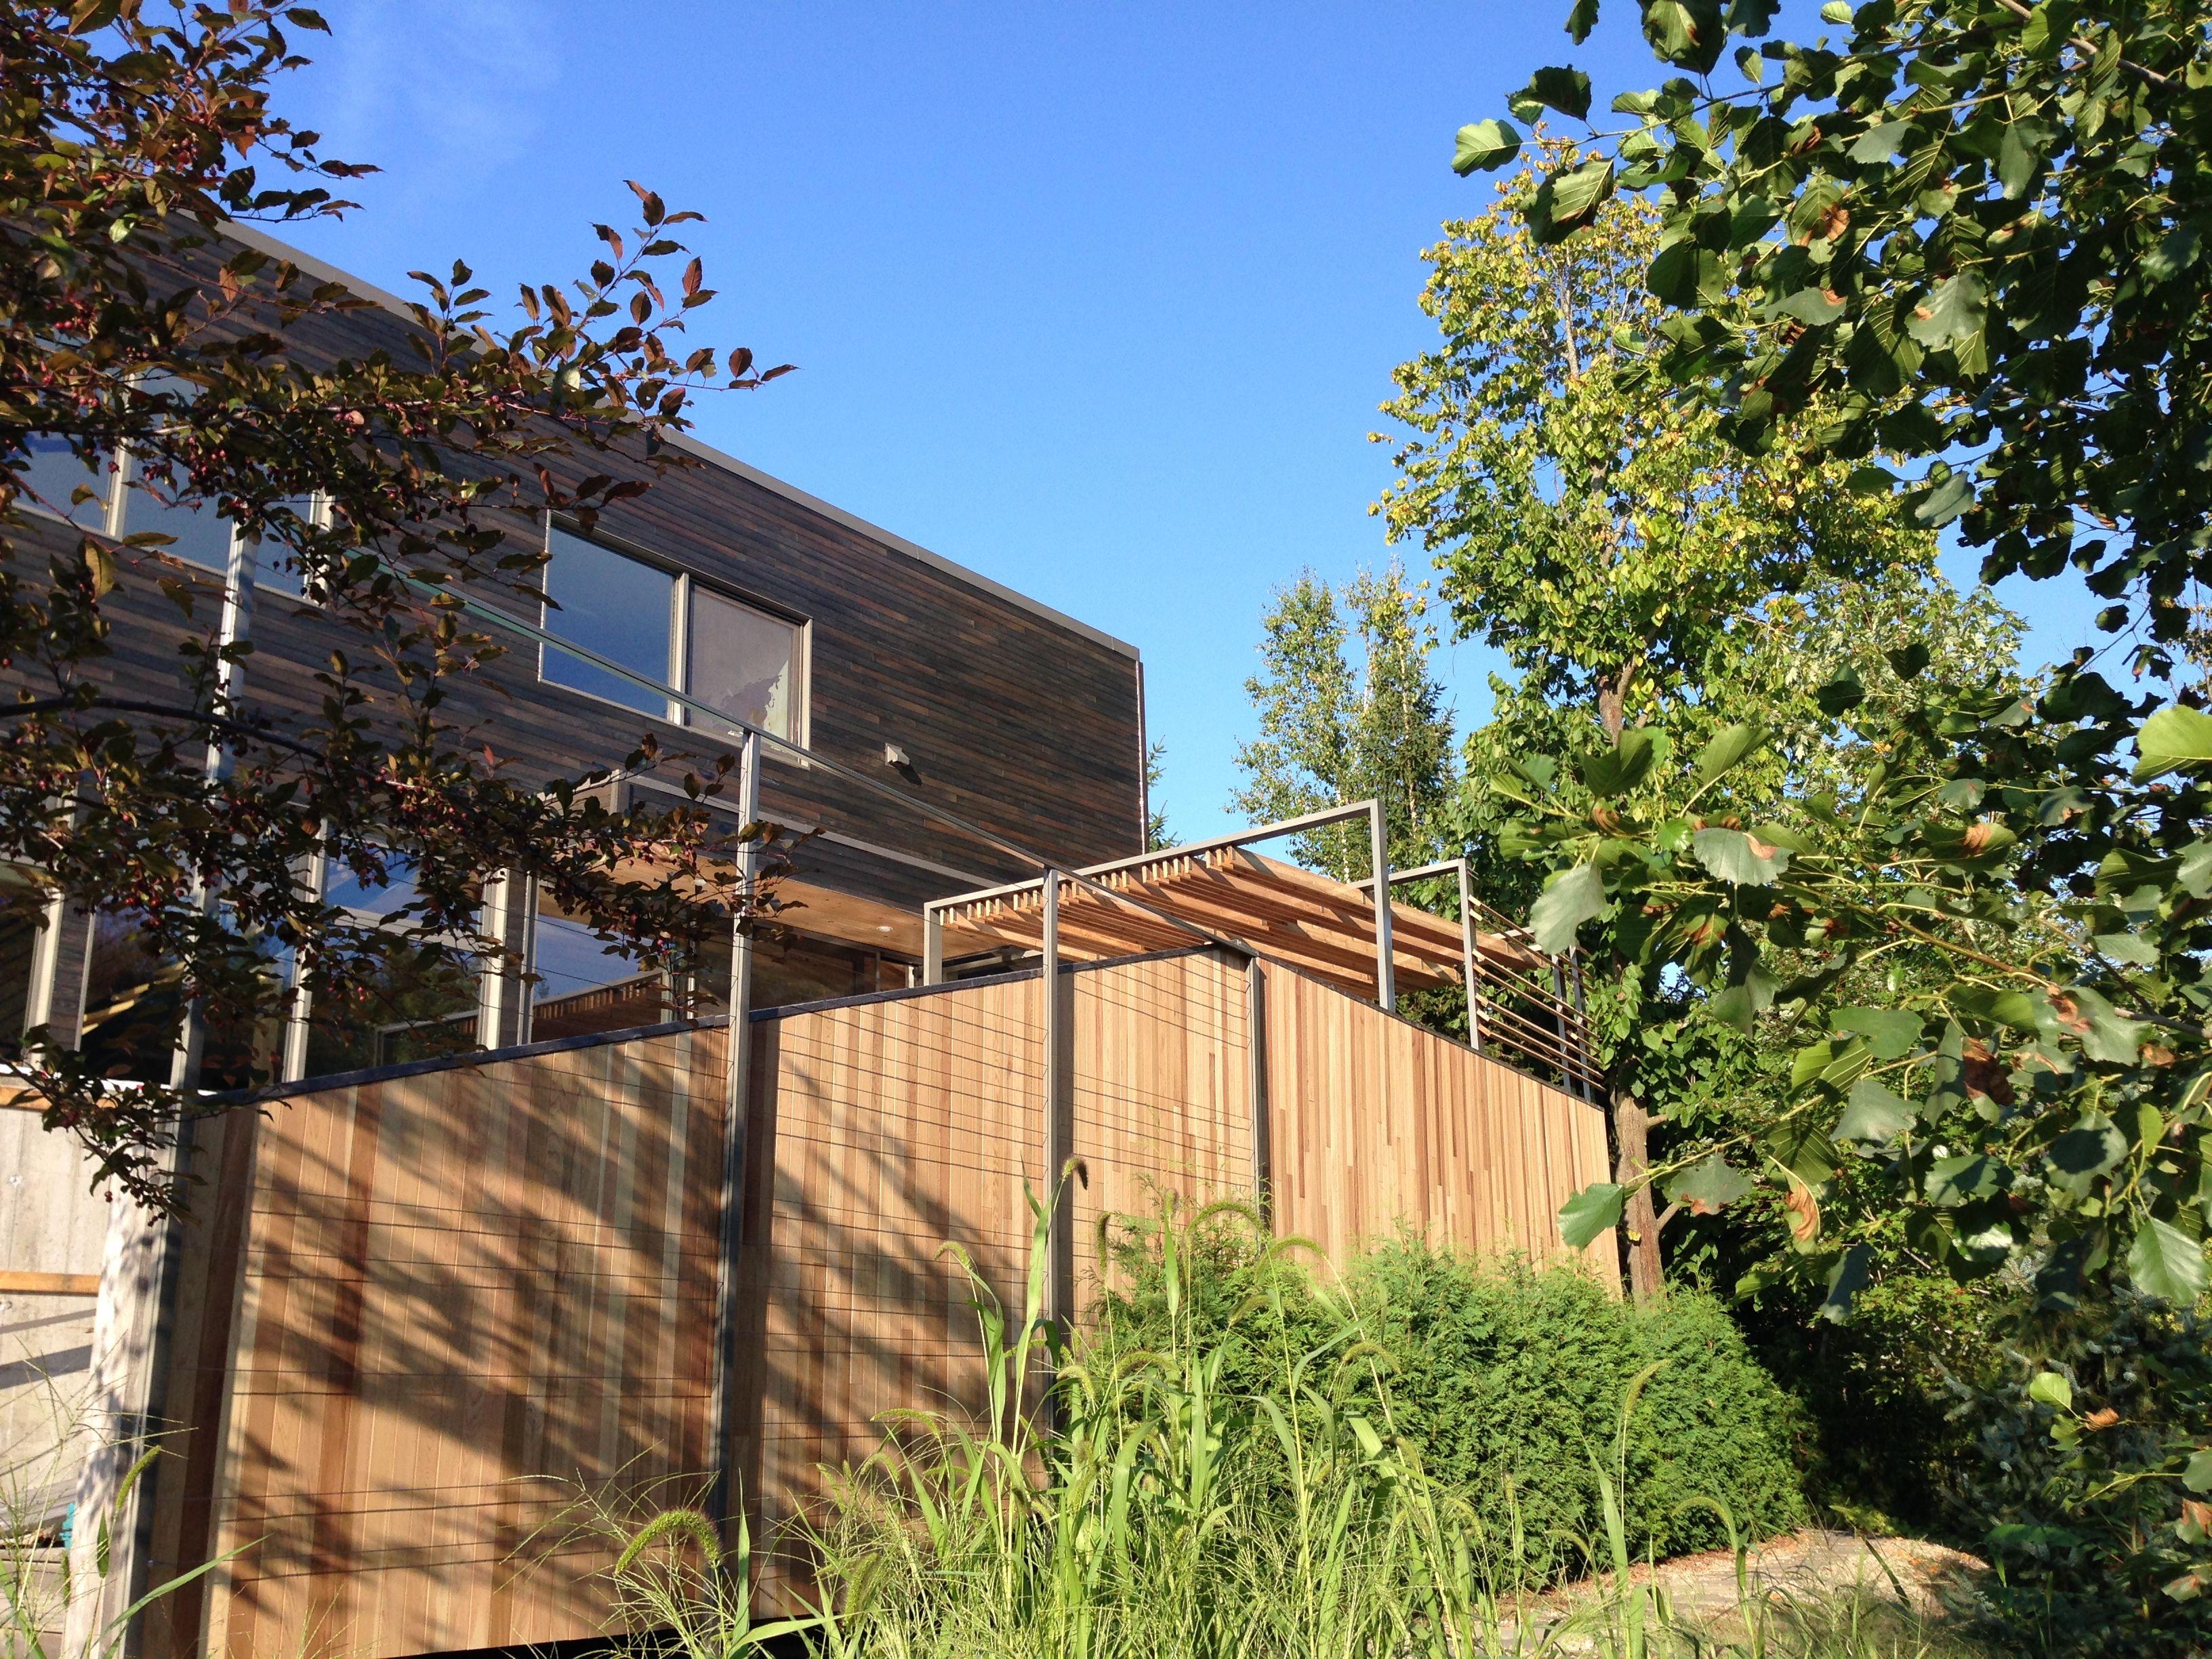 Treillis en c¢ble d acier pour mur vert Cable railing for green wall